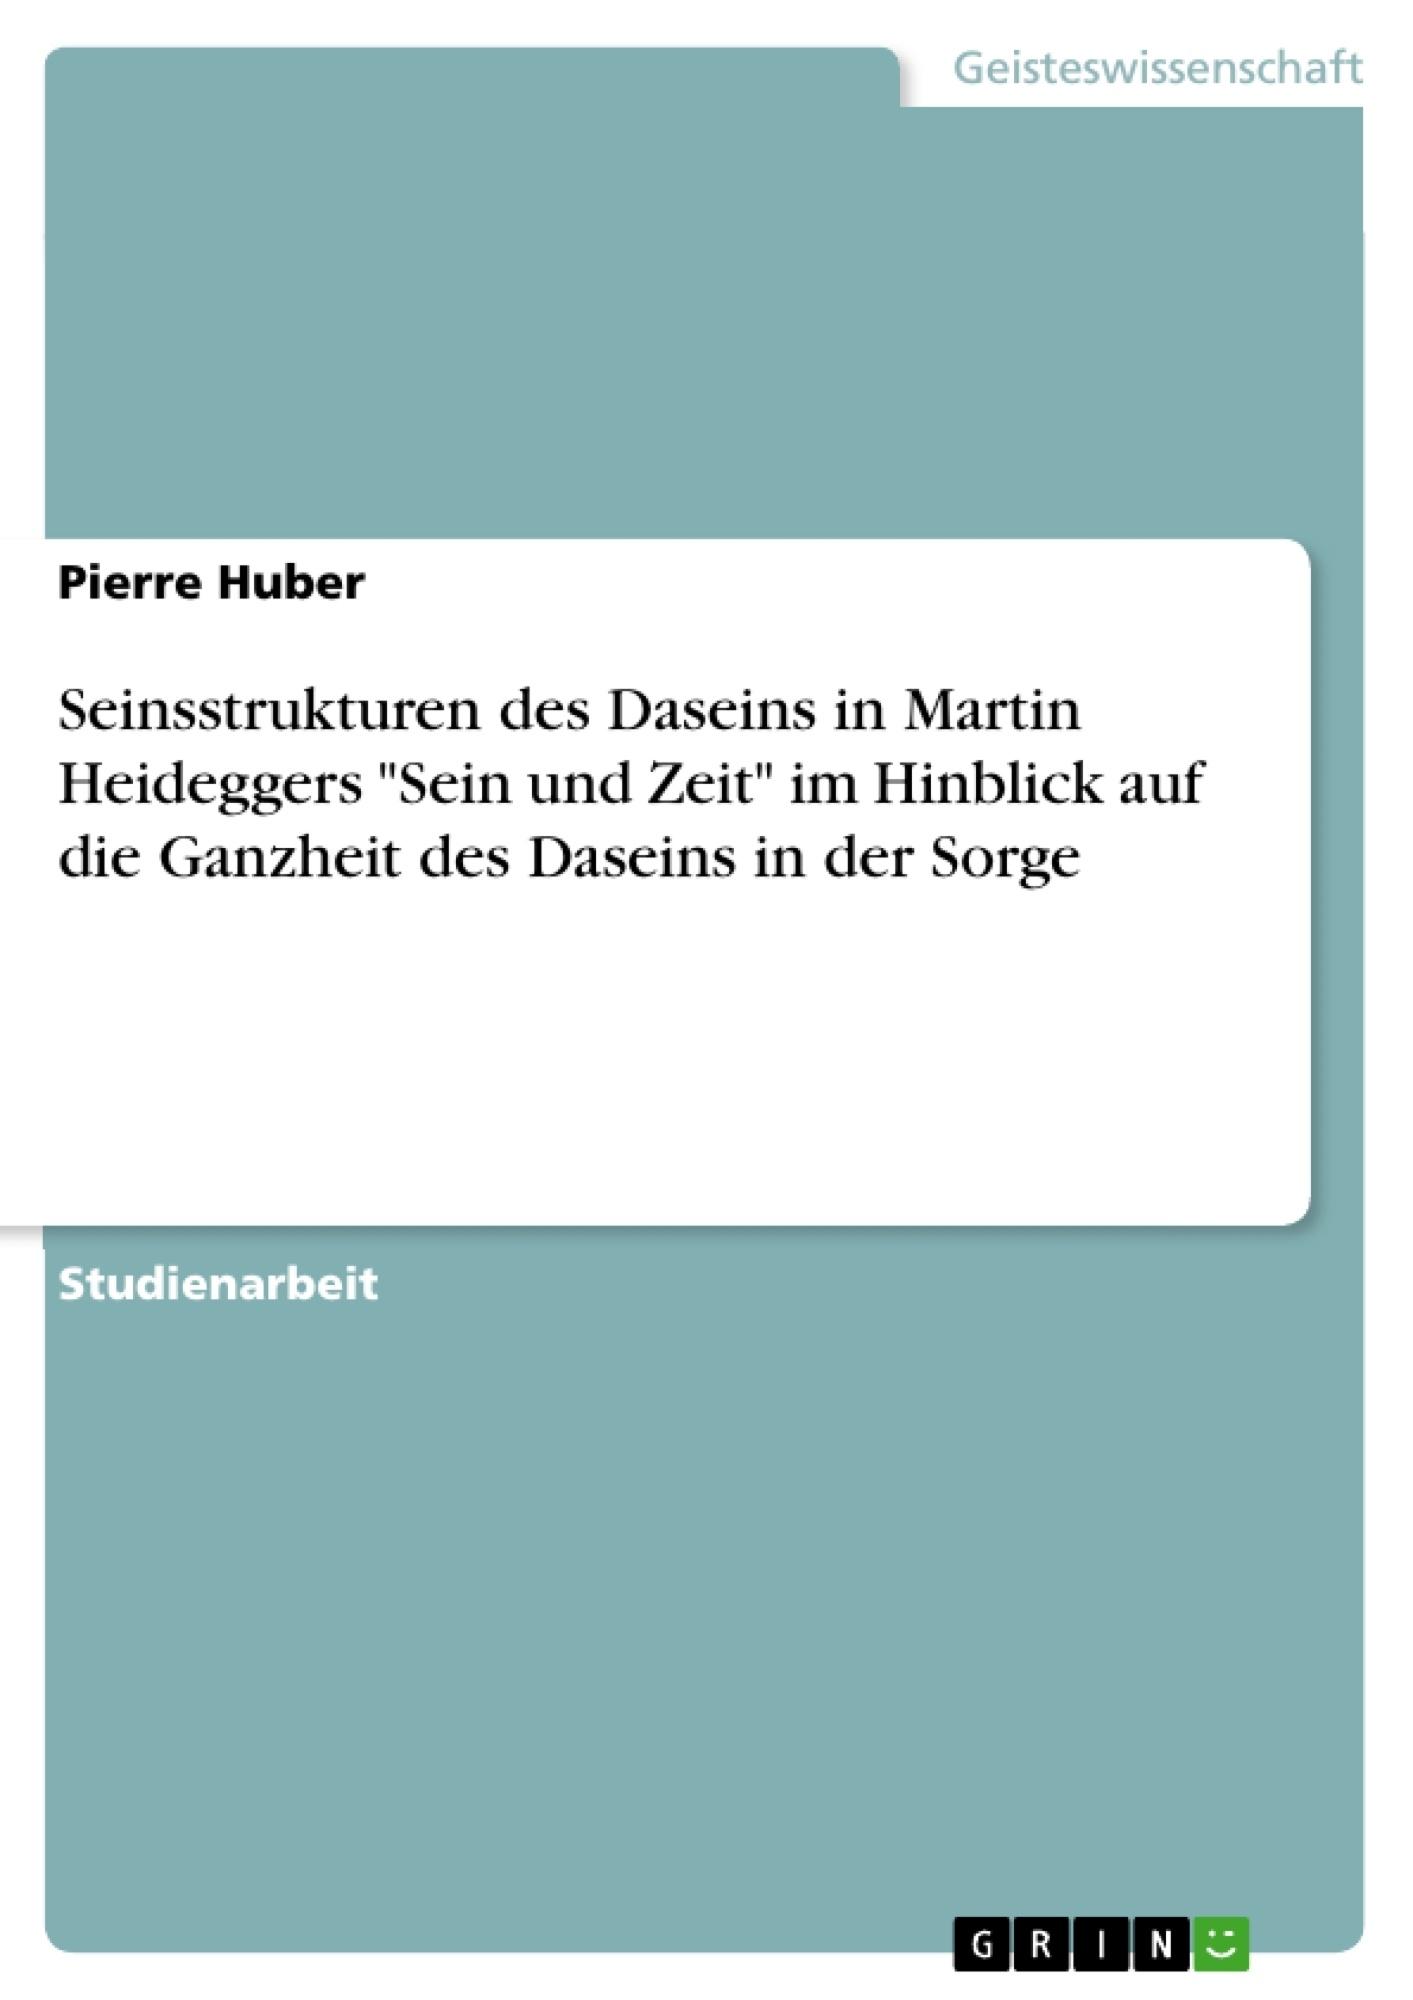 """Titel: Seinsstrukturen des Daseins in Martin Heideggers """"Sein und Zeit"""" im Hinblick auf die Ganzheit des Daseins in der Sorge"""